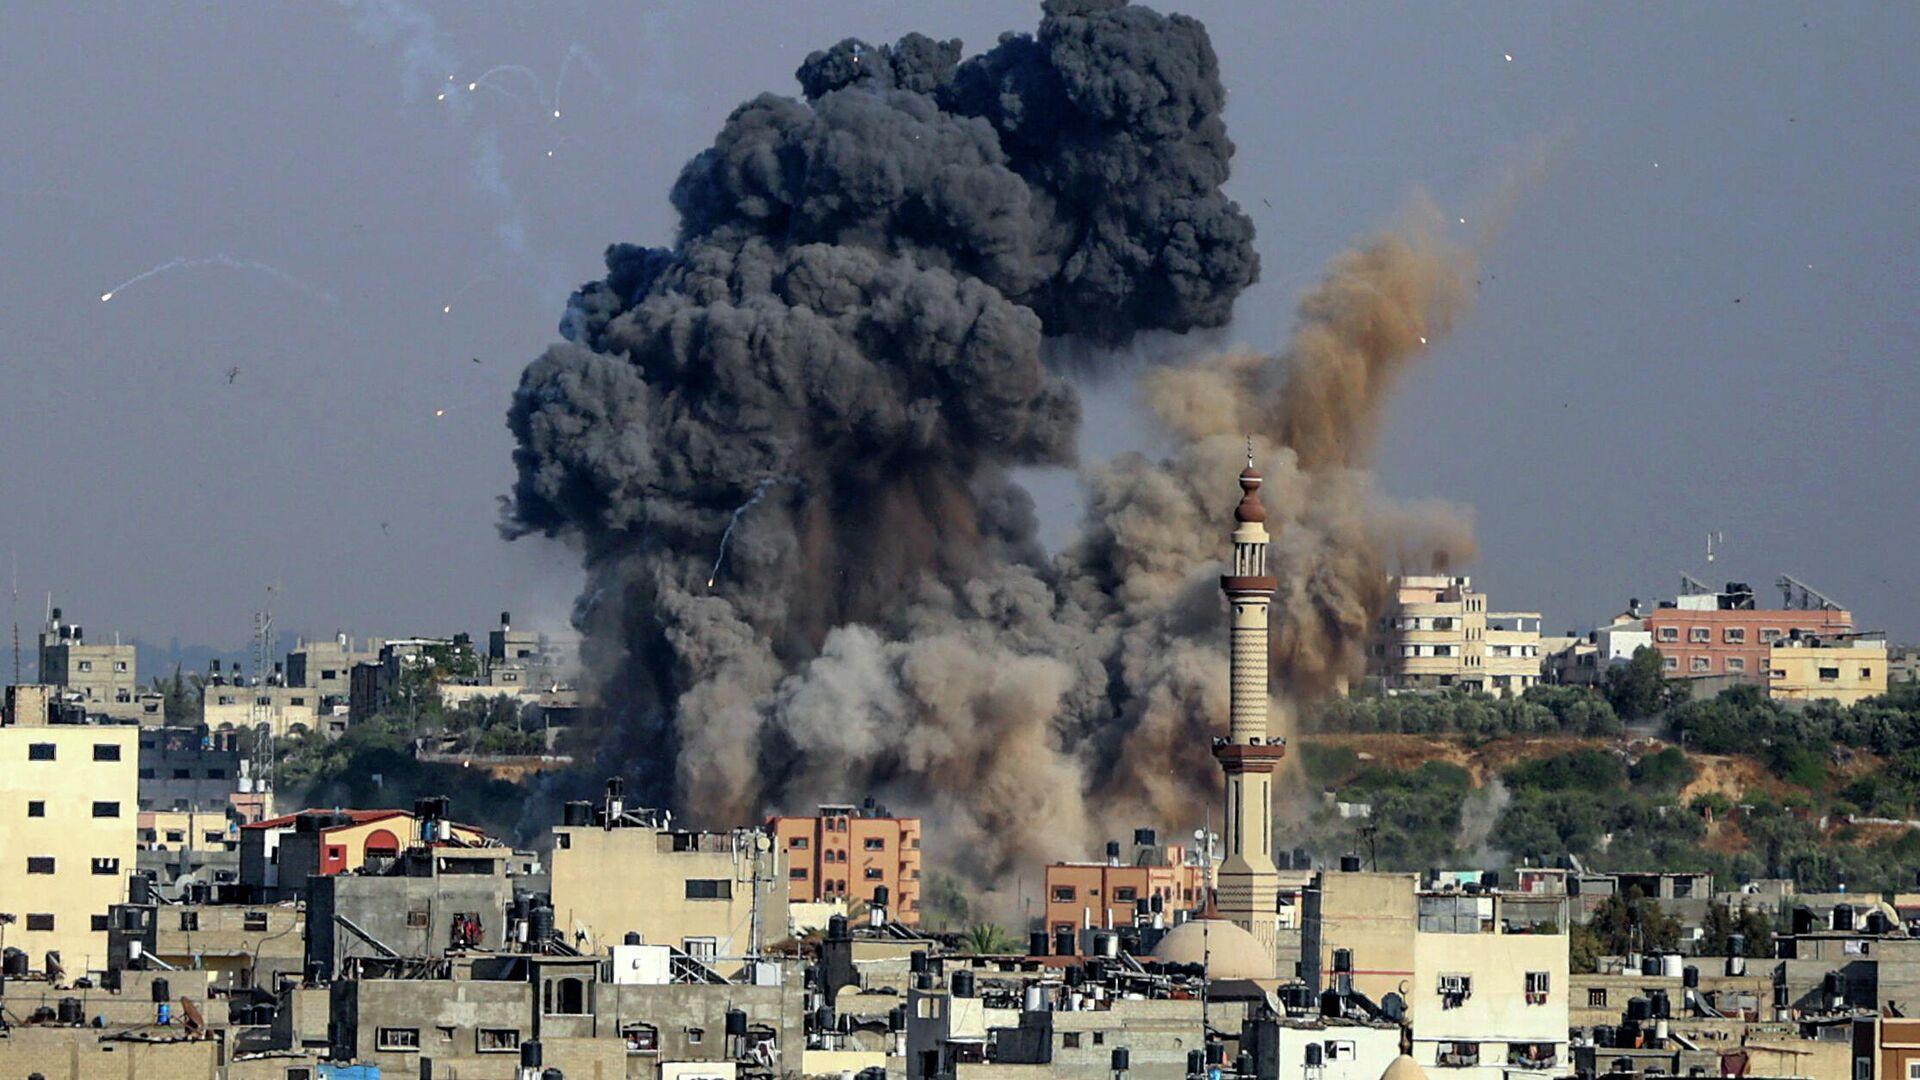 Авиаудар, нанесенный Израилем по объекту движения ХАМАС в секторе Газа. 11 мая 2021  - РИА Новости, 1920, 11.05.2021